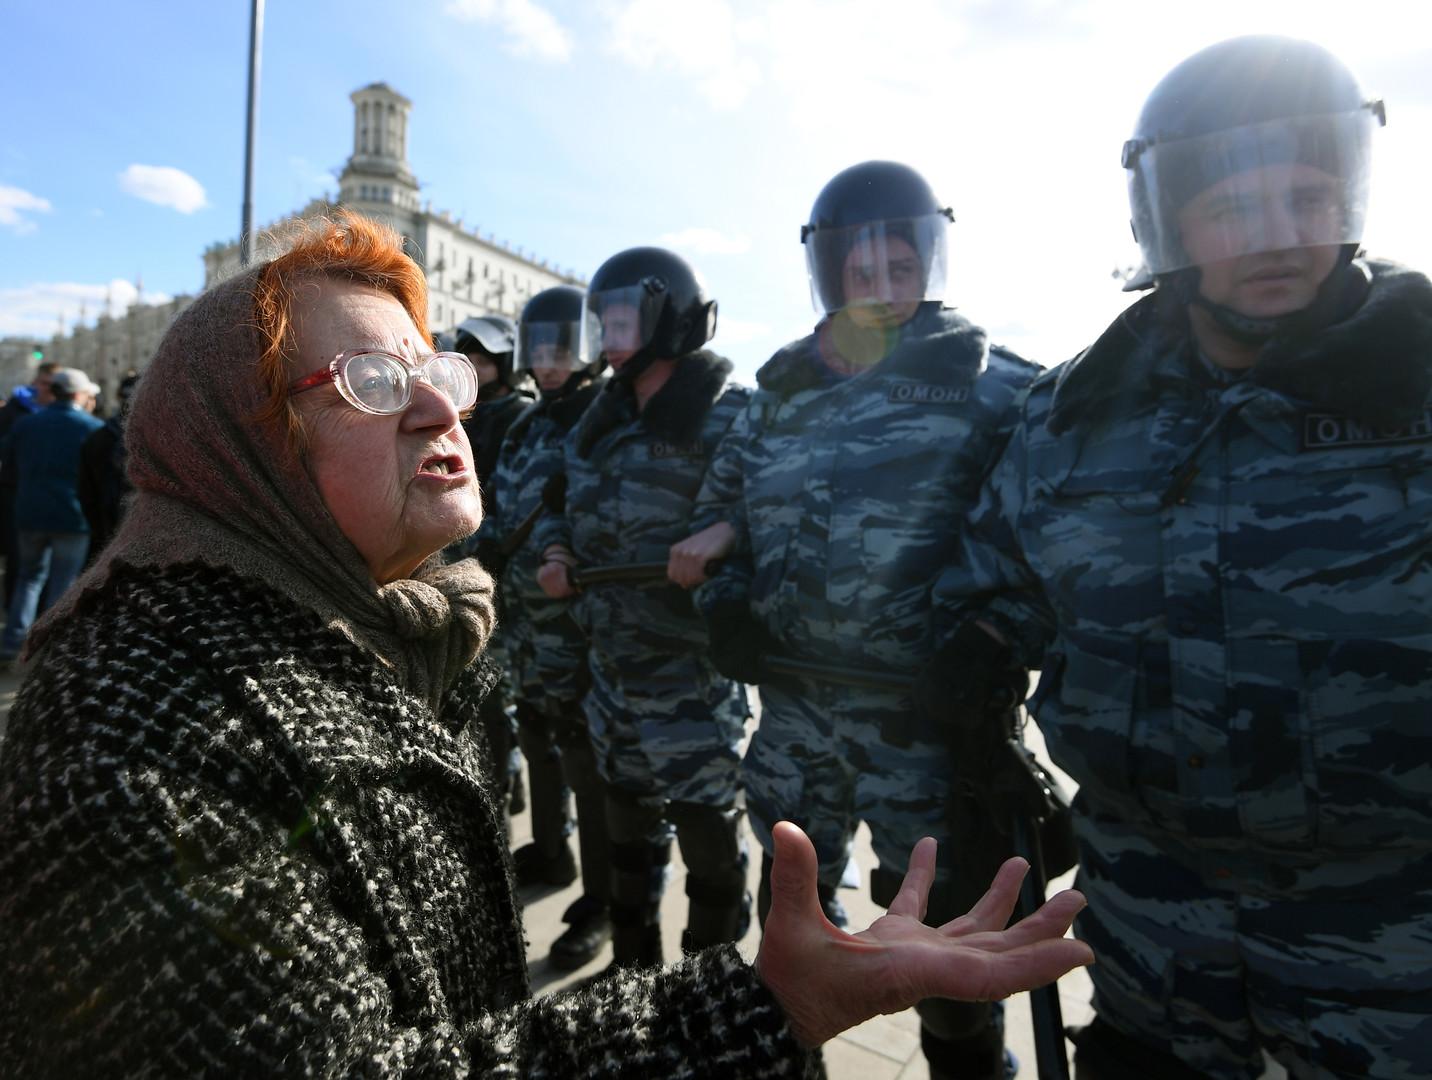 Teilnehmer der nicht genehmigten Anti-Korruptions-Demonstration und Polizisten am Puschkin Platz in Moskau am 26. März 2017.